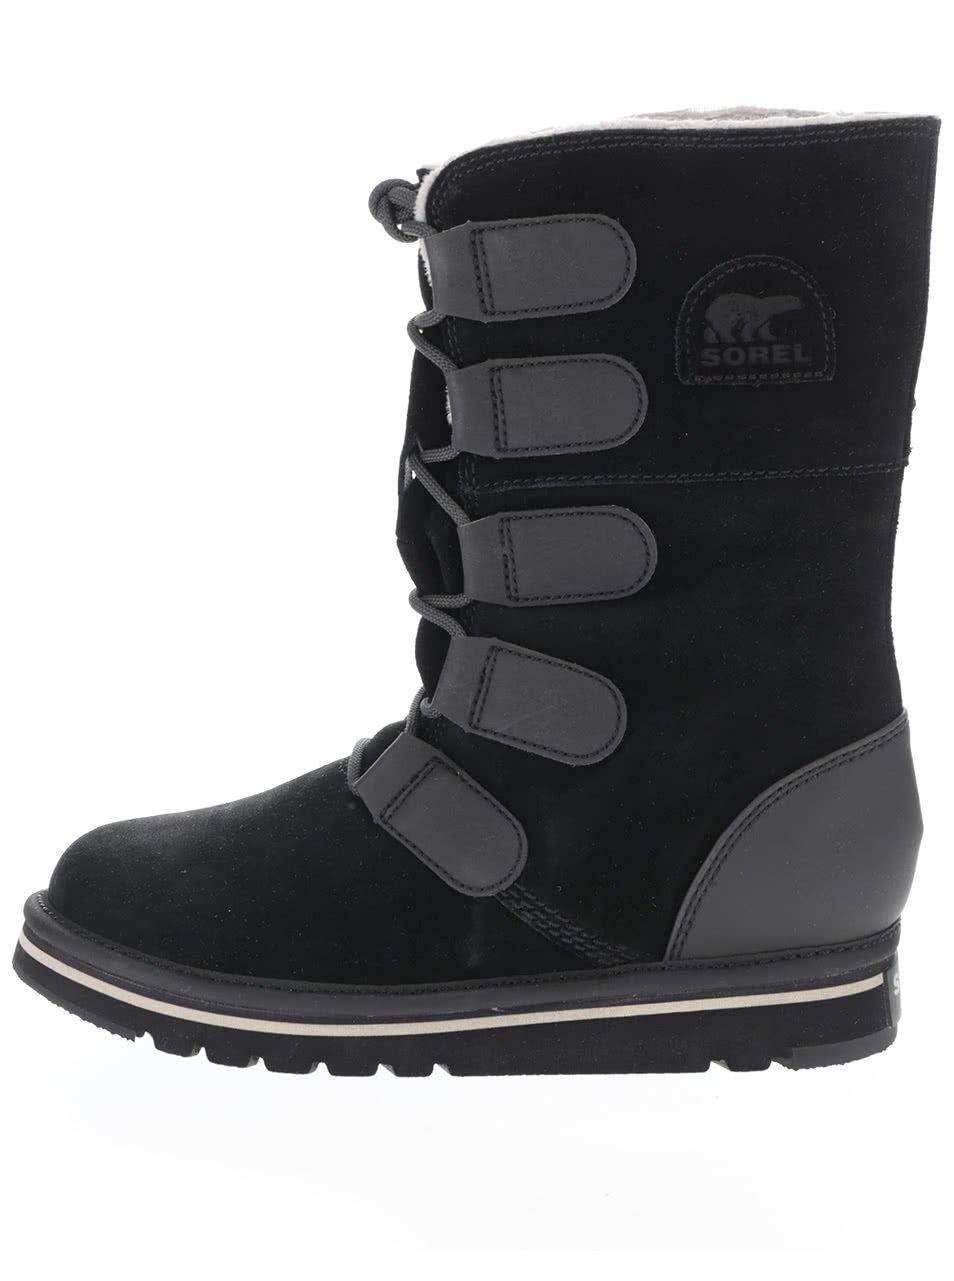 Černé kožené zimní boty s vázáním SOREL Newbie Lace